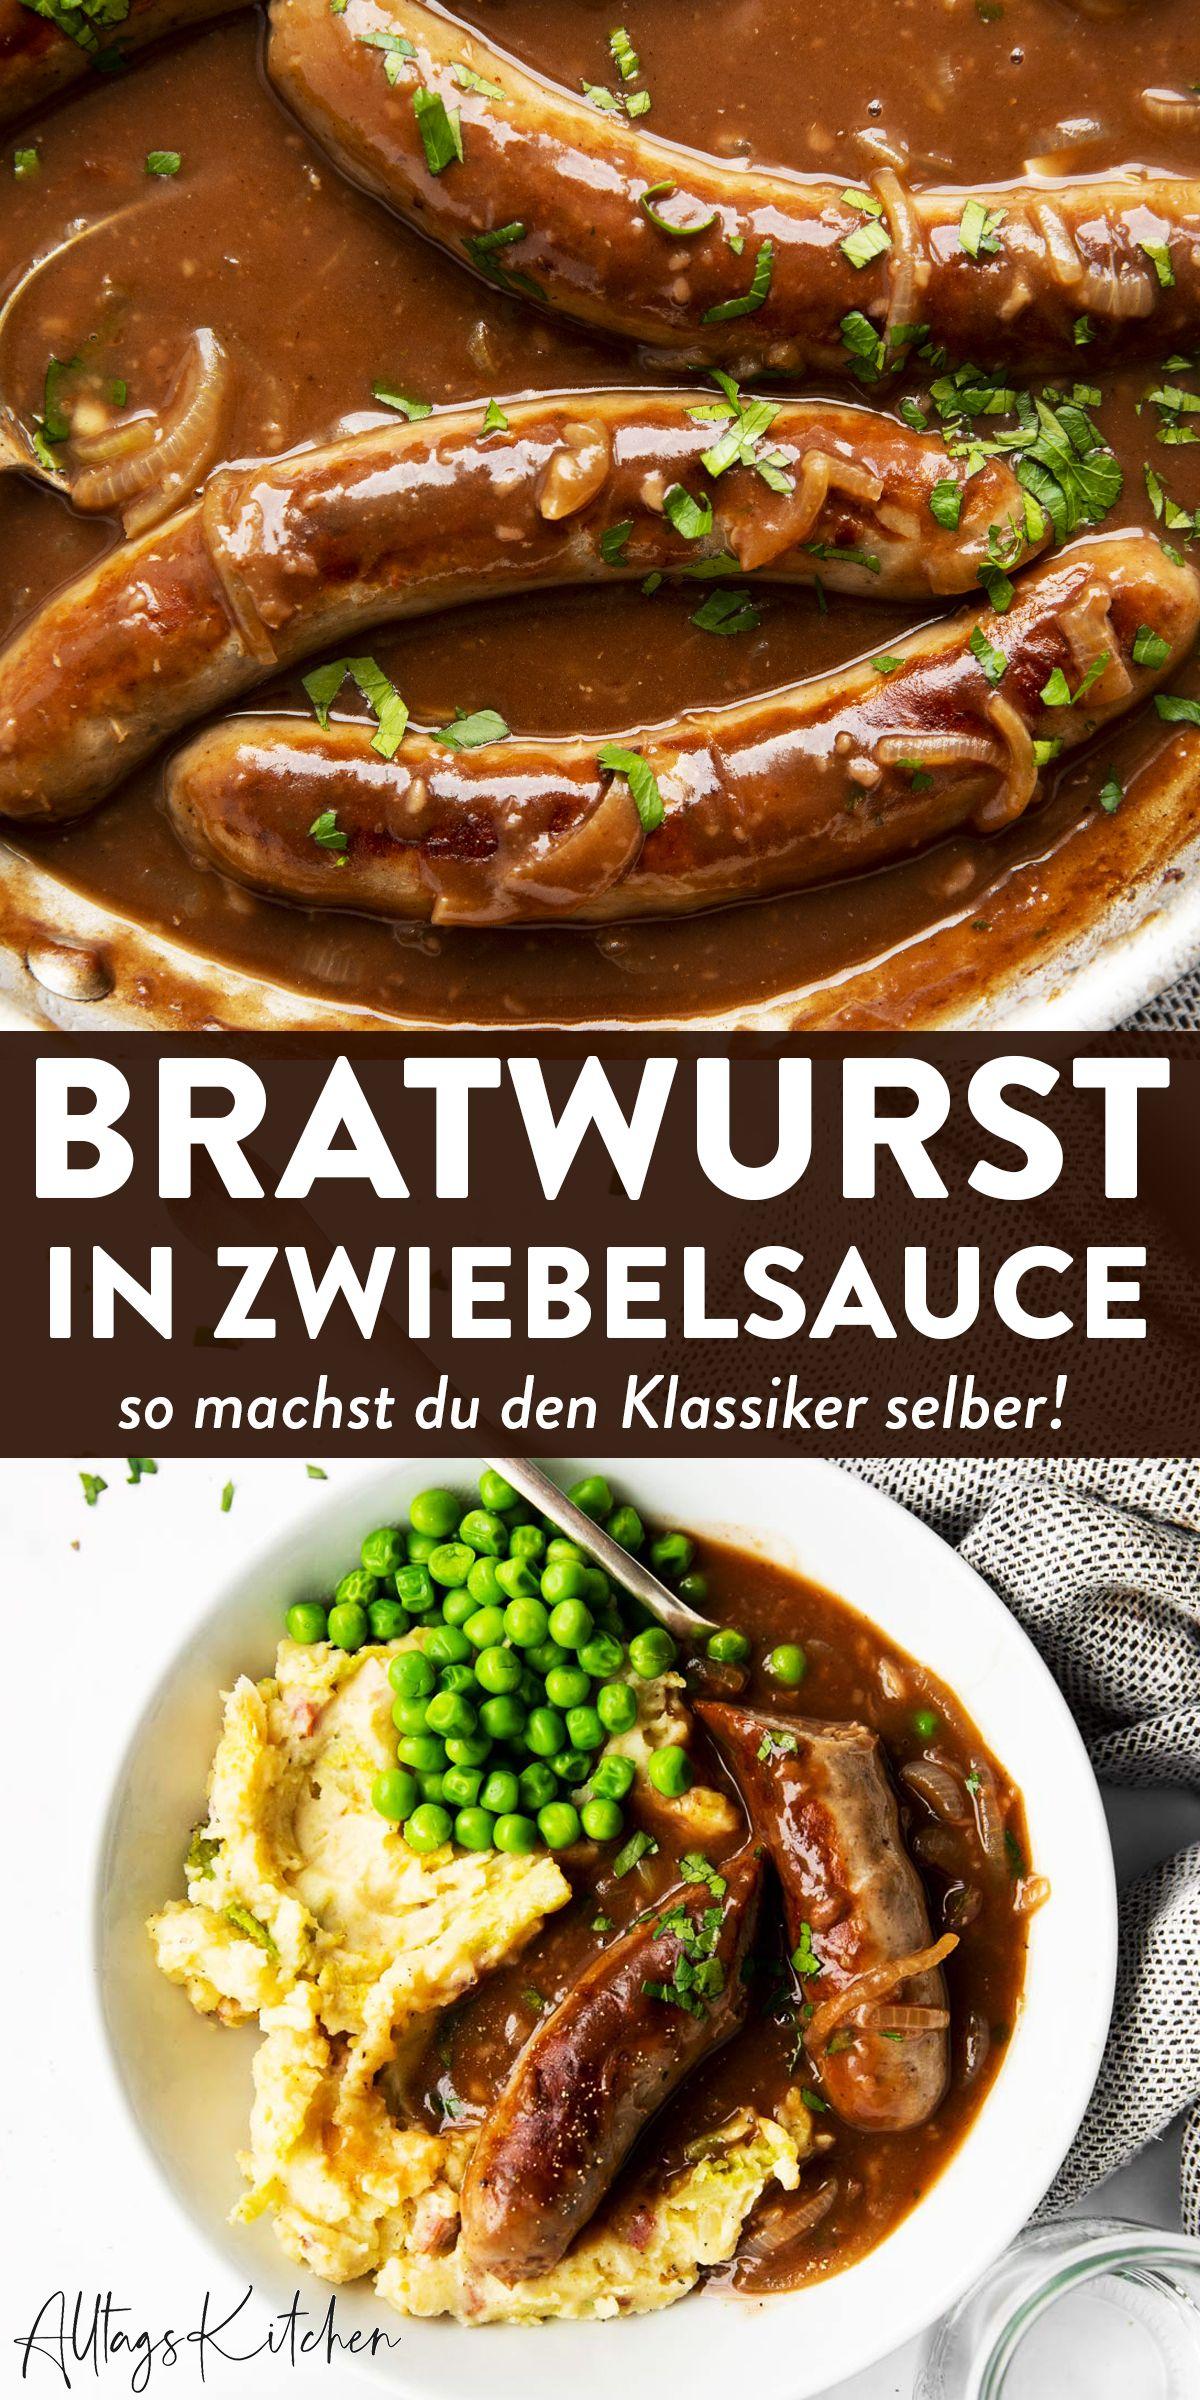 44+Bratwurst mit Zwiebelsauce Bangers and Mash einfach Selbst Gemacht